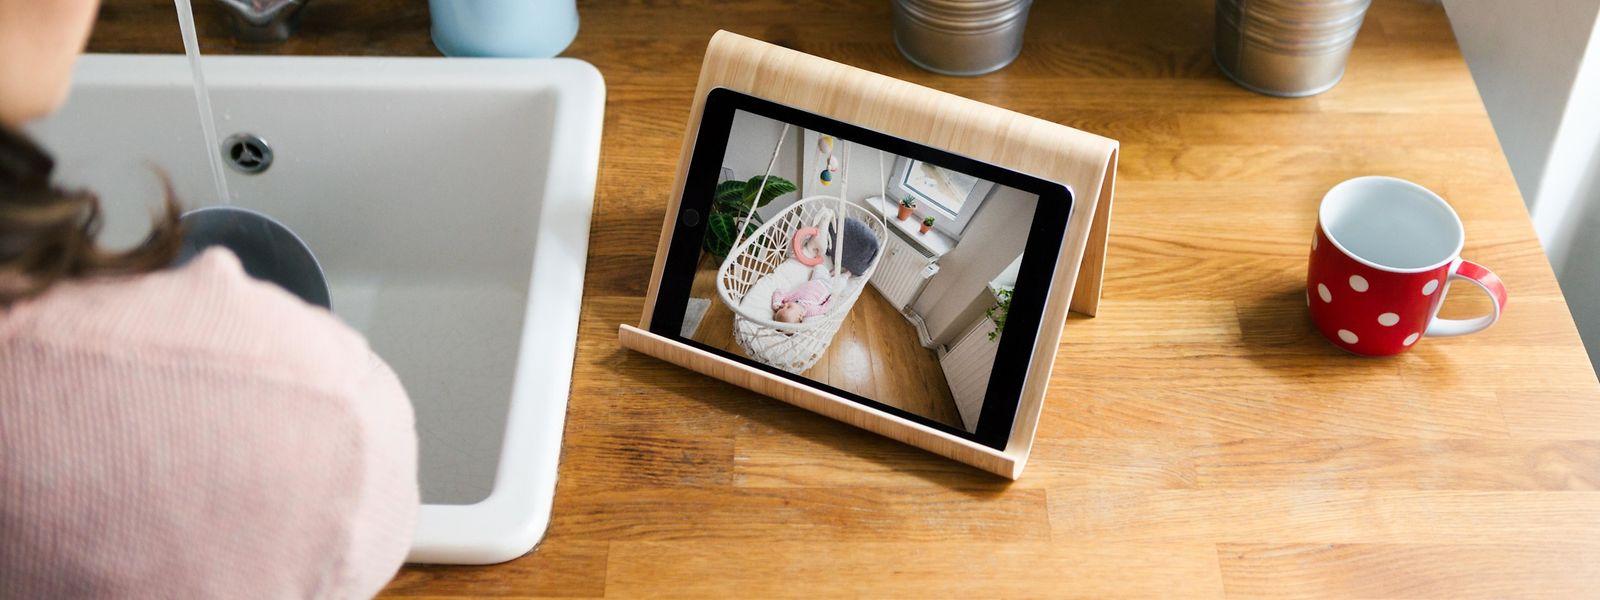 Auch um die Kleinen im Blick zu behalten, kann man IP-Kameras nutzen - wie hier bei Bosch wird das Bild aus dem Kinderzimmer auf den Bildschirm gesendet.